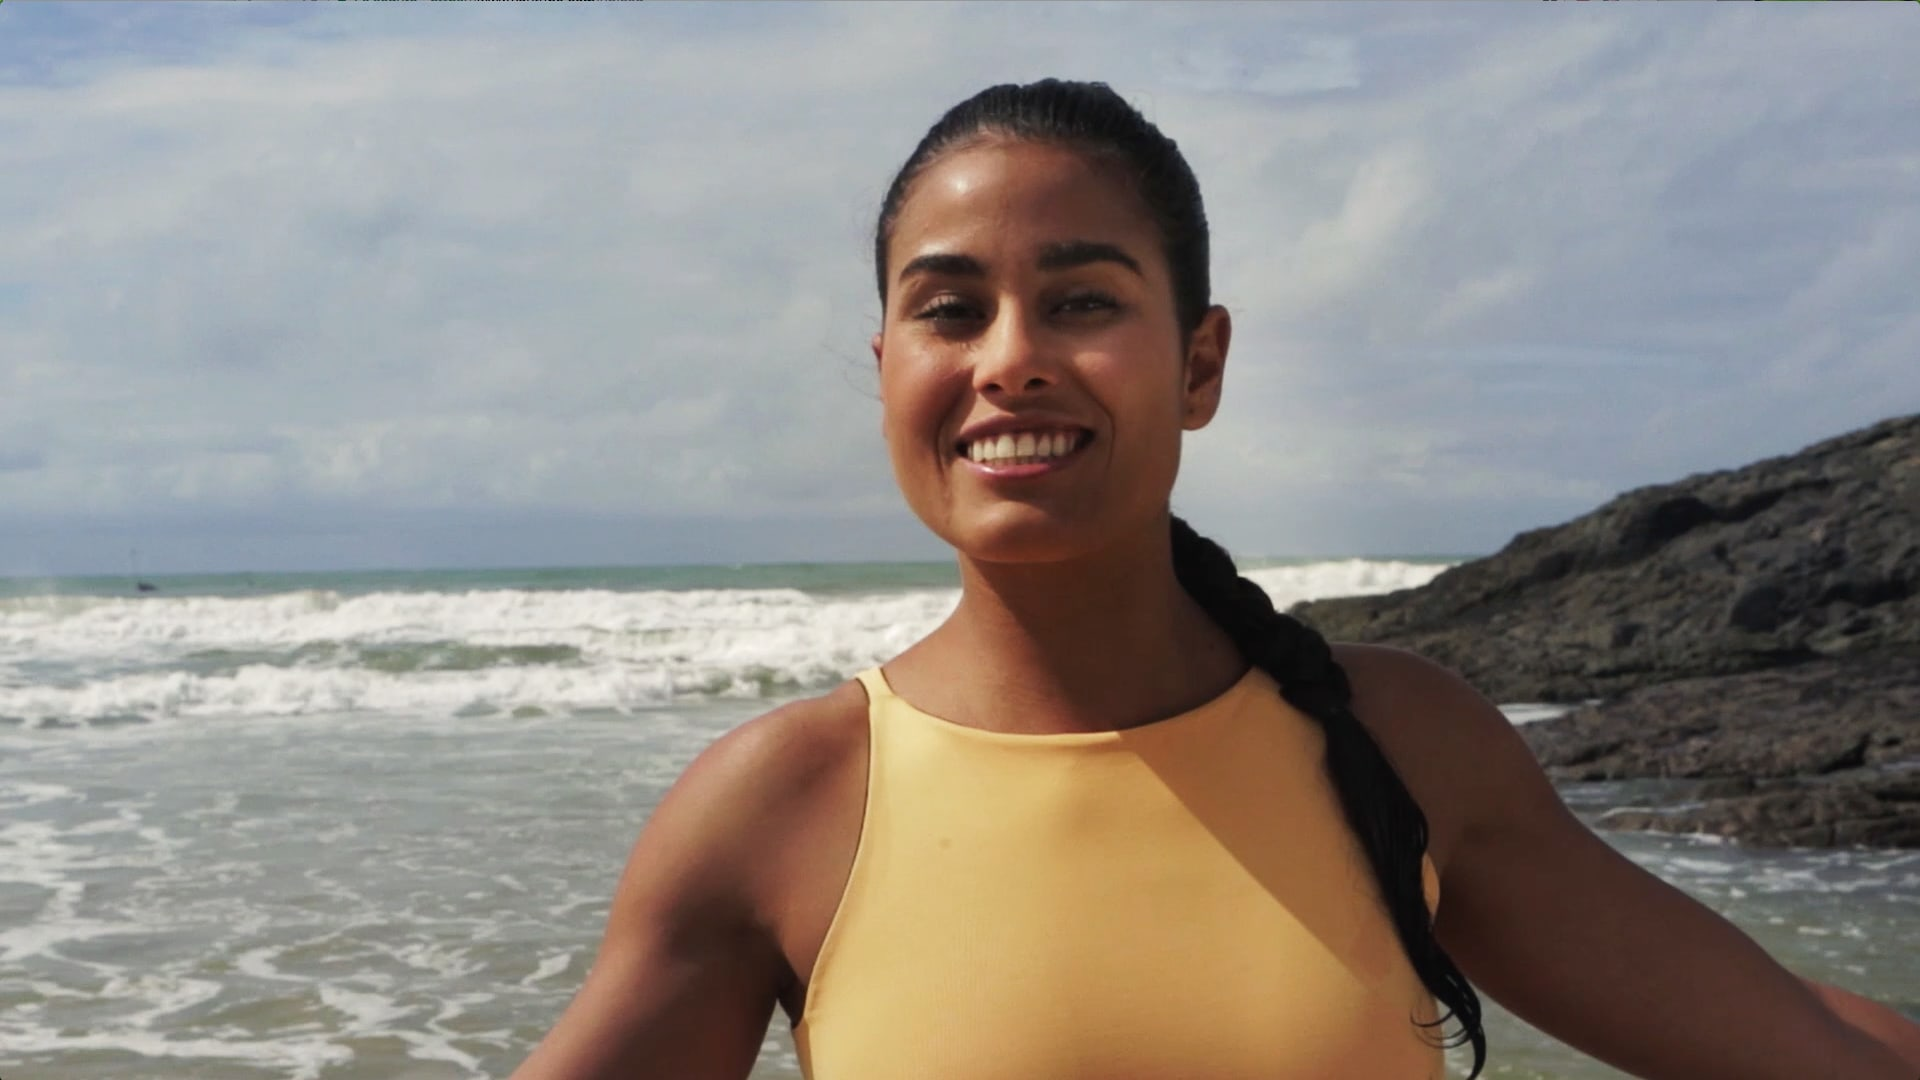 Consejos de surf con Marina Werneck - Juacas